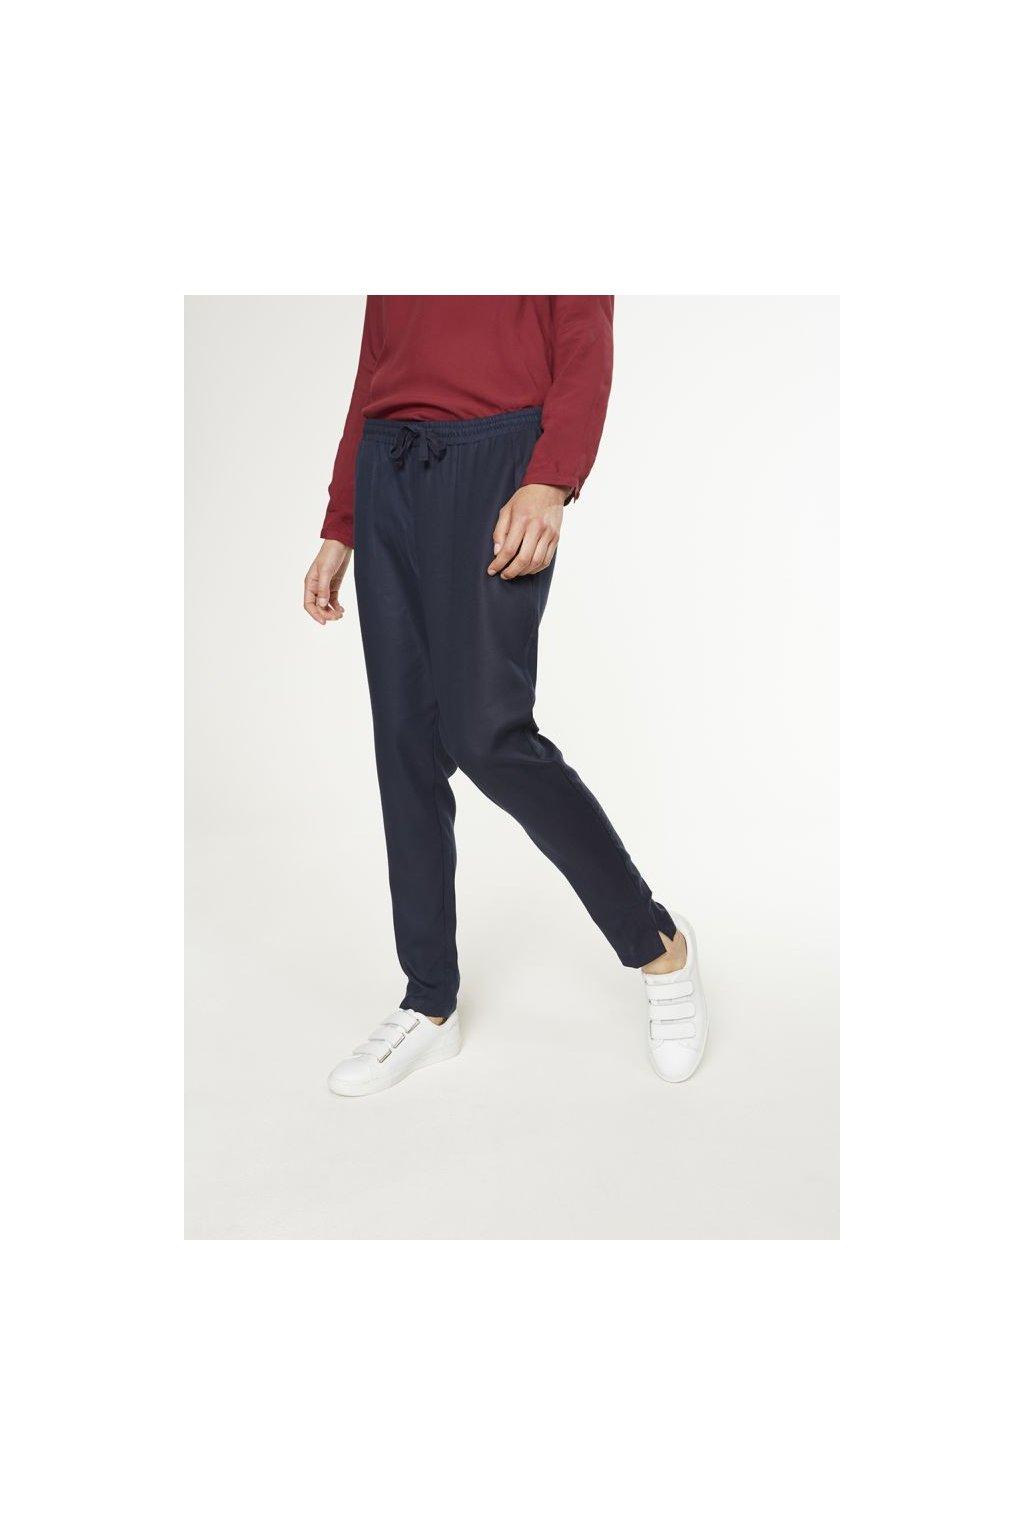 """Dámské modré kalhoty """"Anka"""" (Velikost M)"""